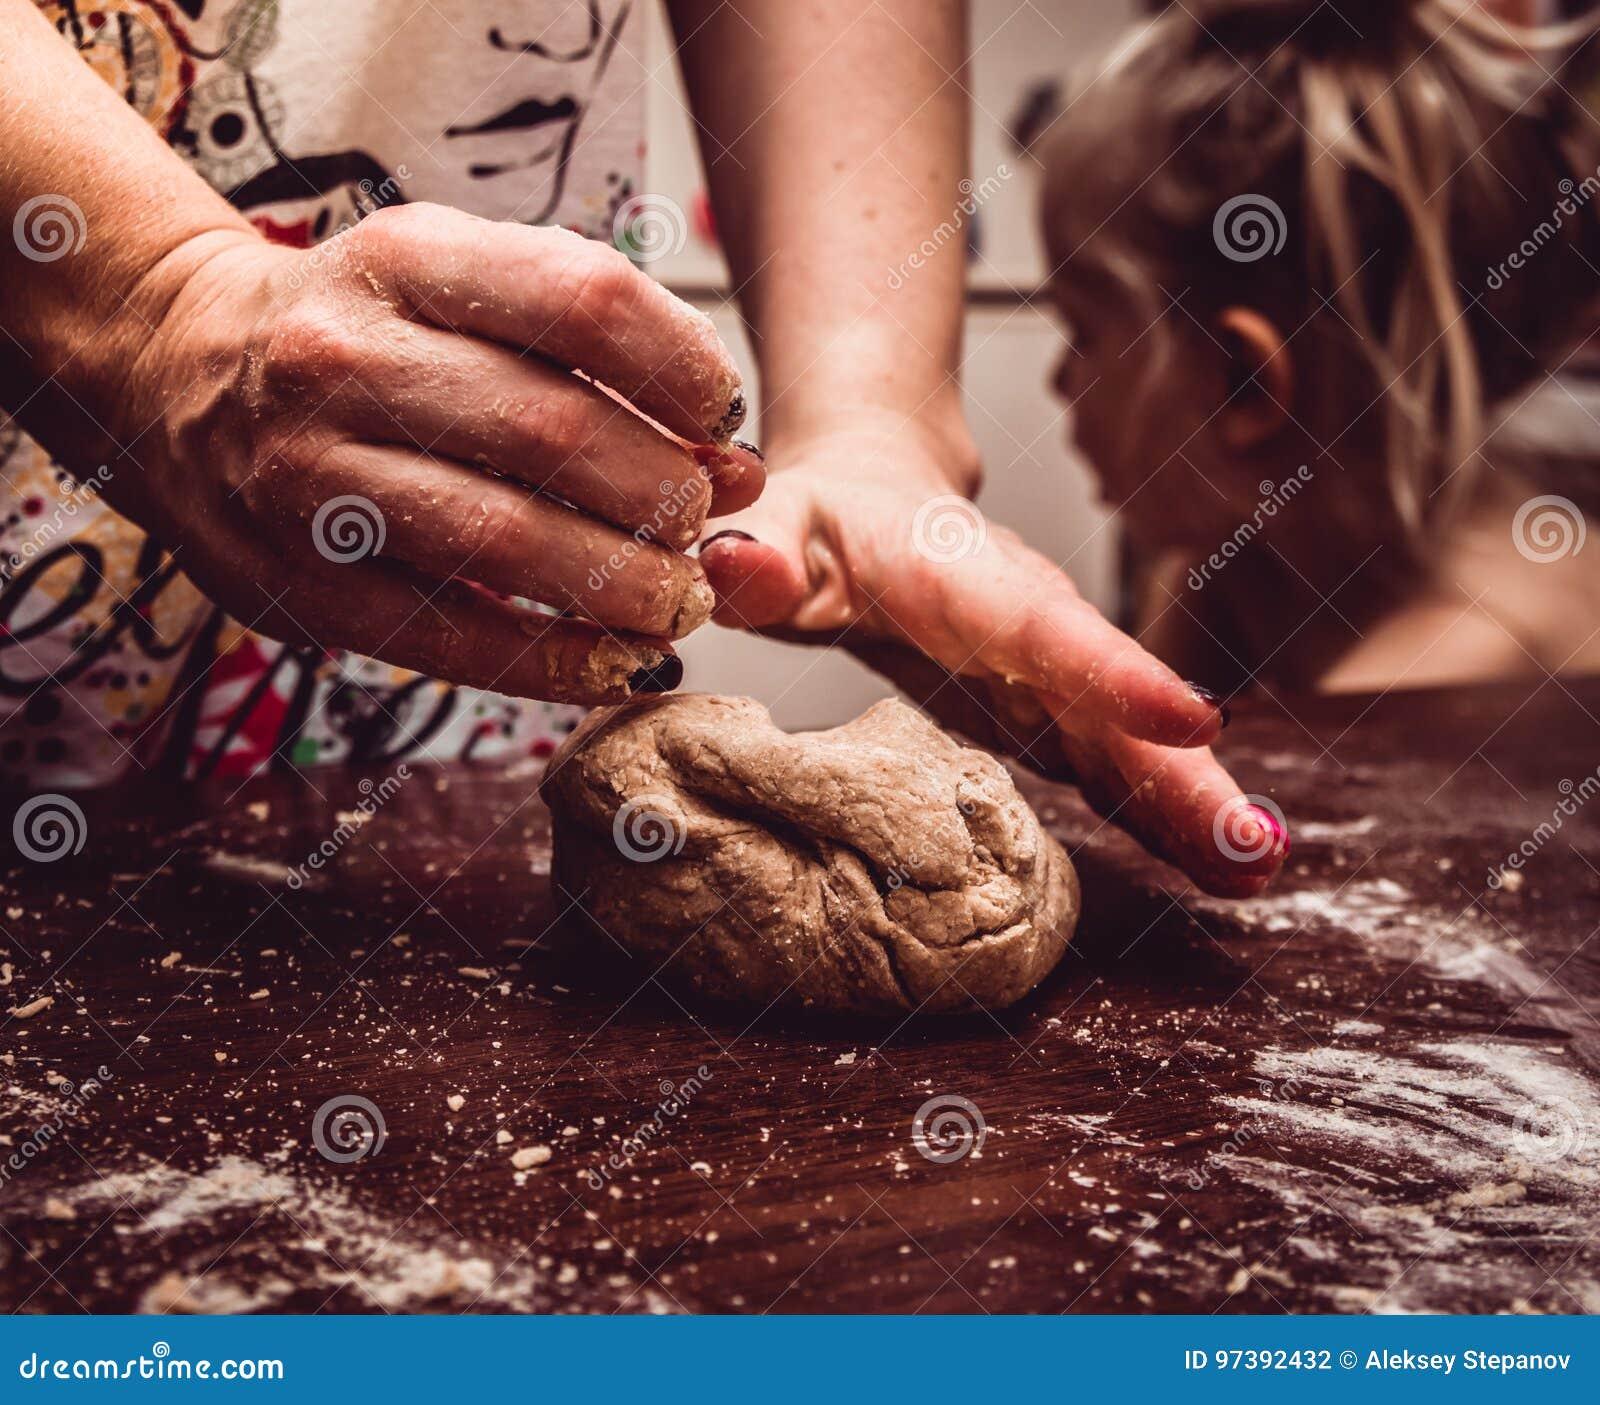 Le mani abilmente impastano la pasta